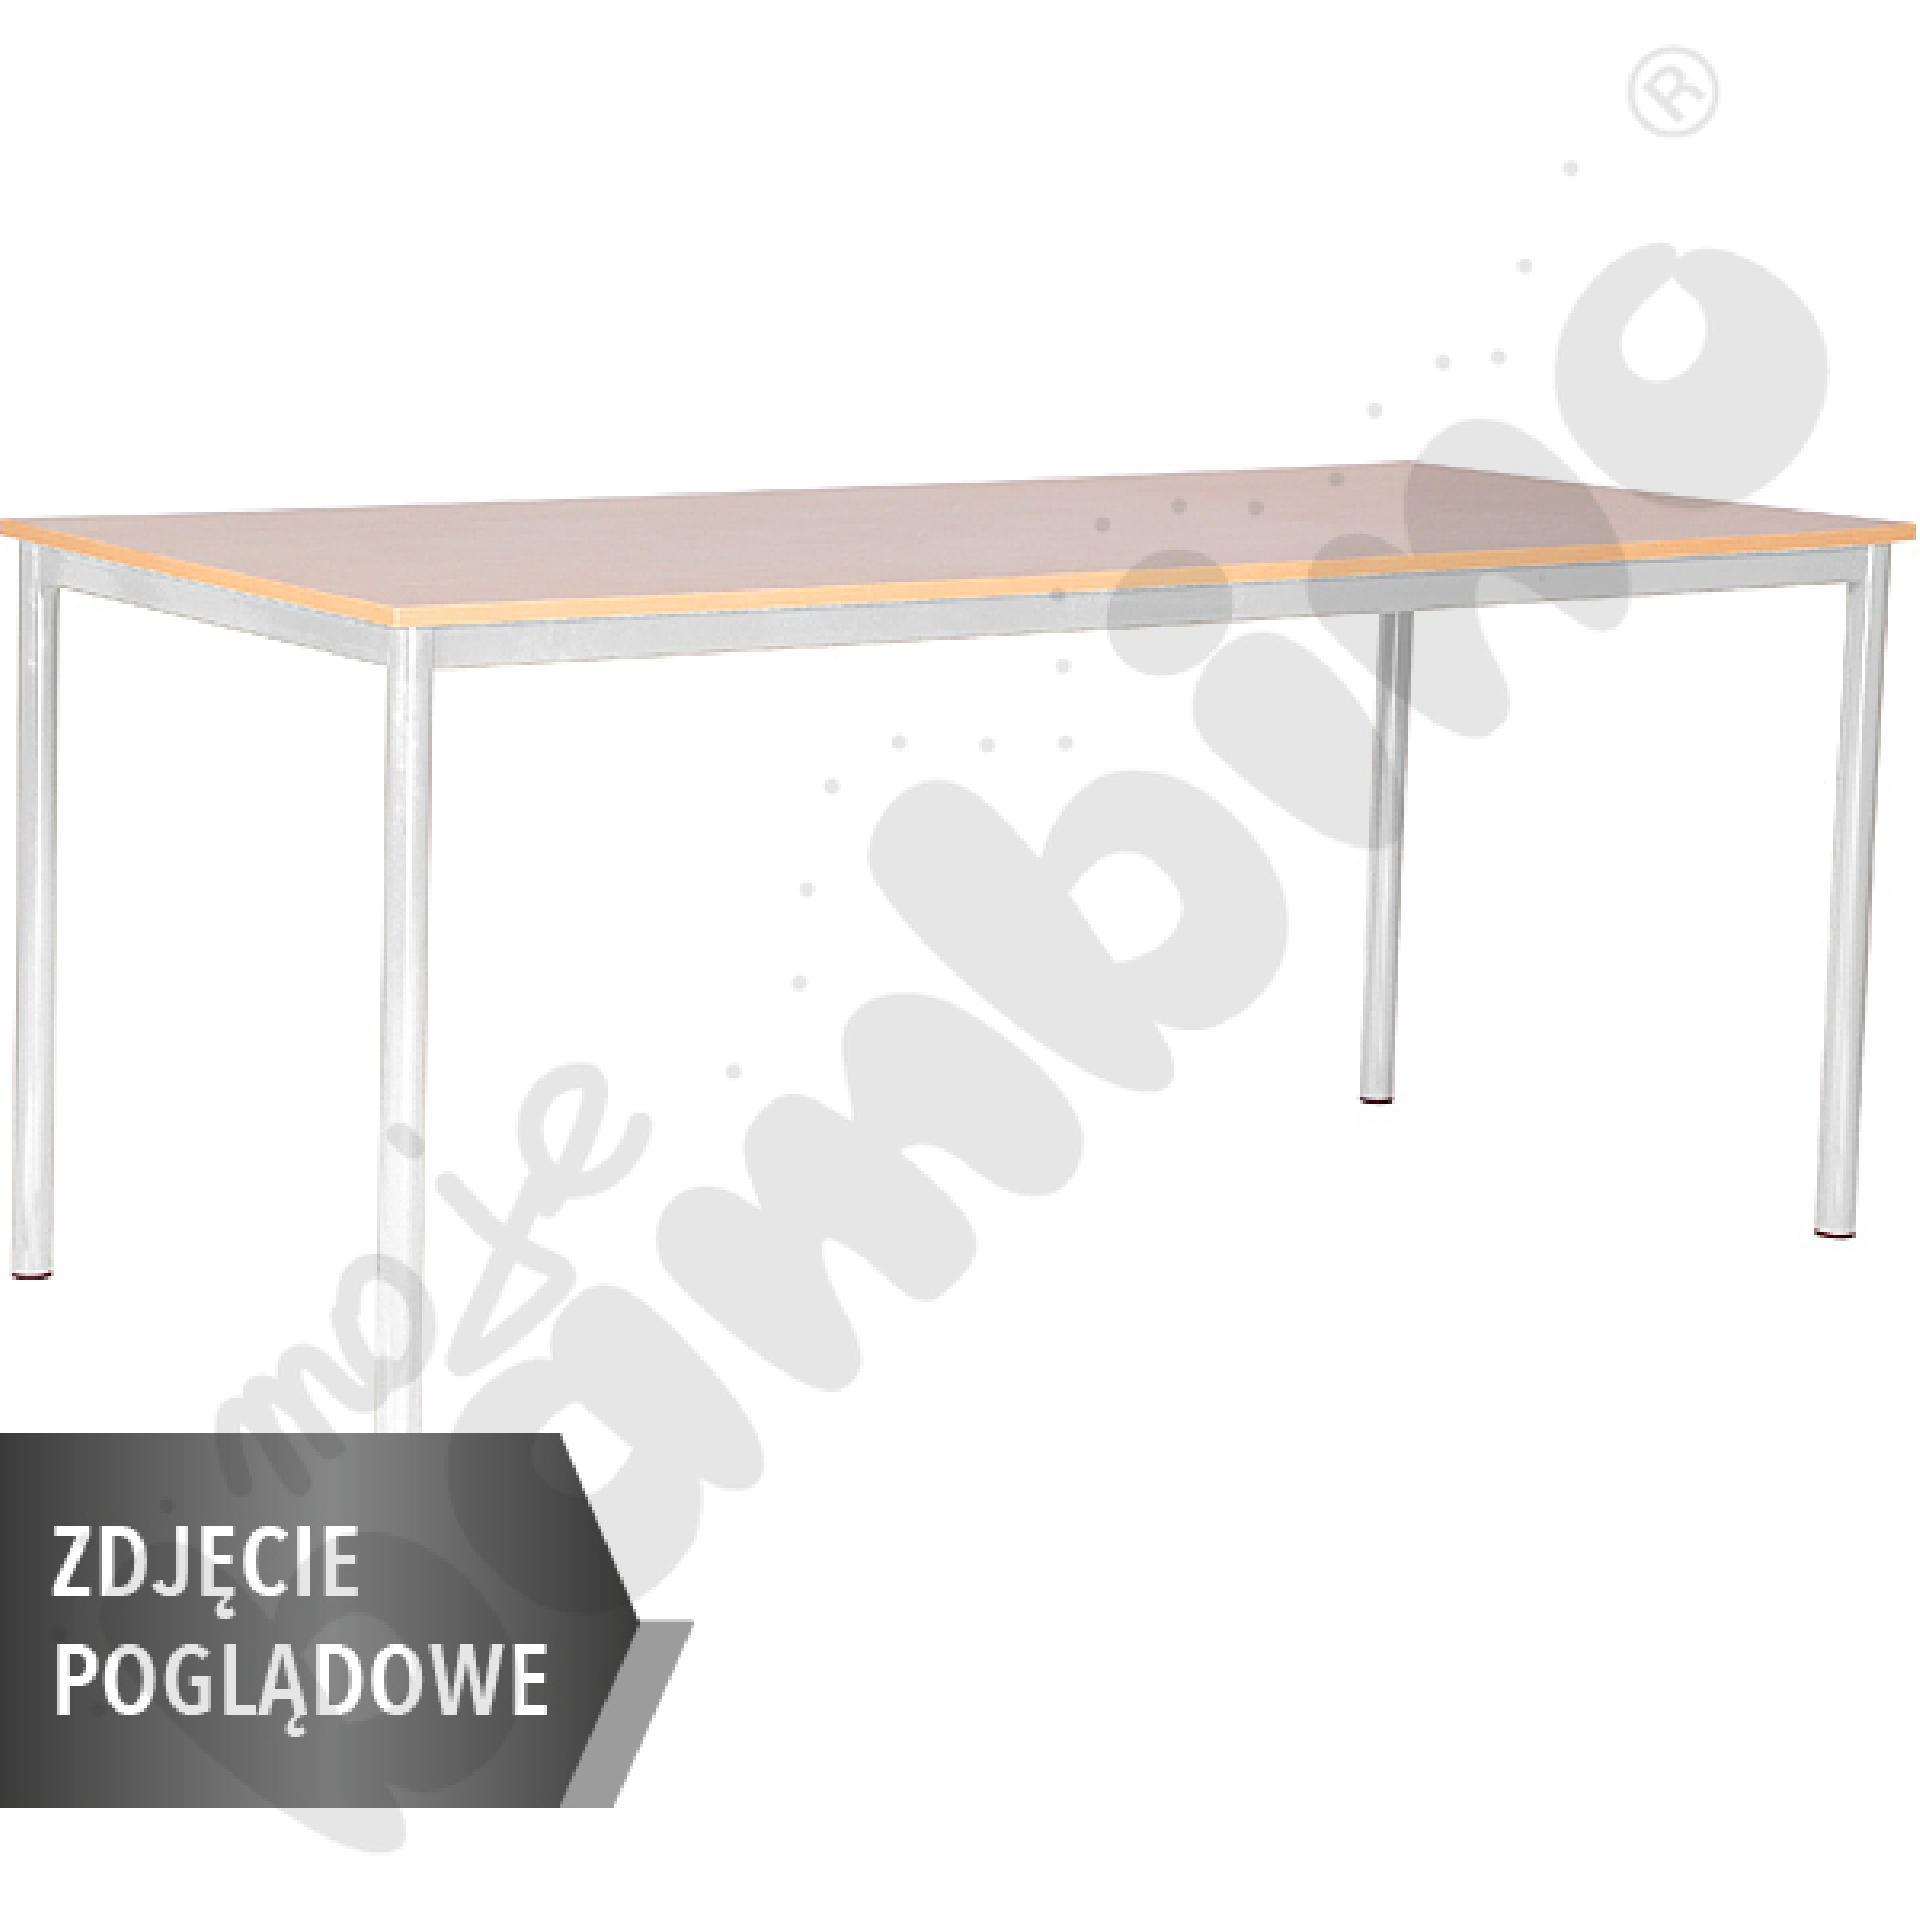 Stół Mila 180x80 rozm. 6, 8os., stelaż czerwony, blat szary, obrzeże ABS, narożniki proste